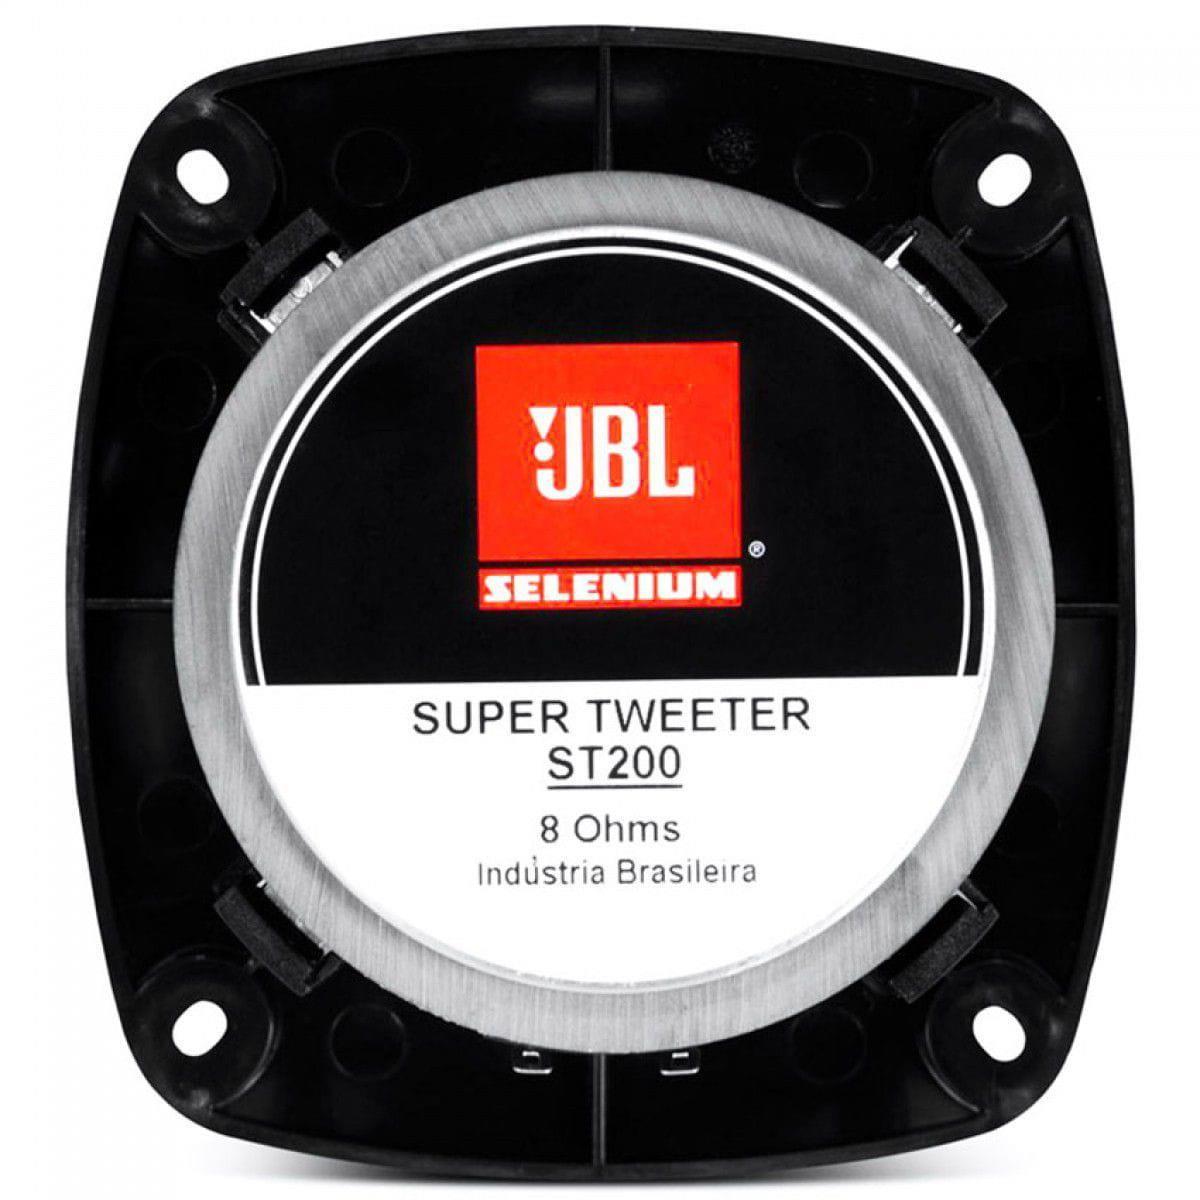 JBL Super Tweeter ST200 (100w RMS/8 Ohms)